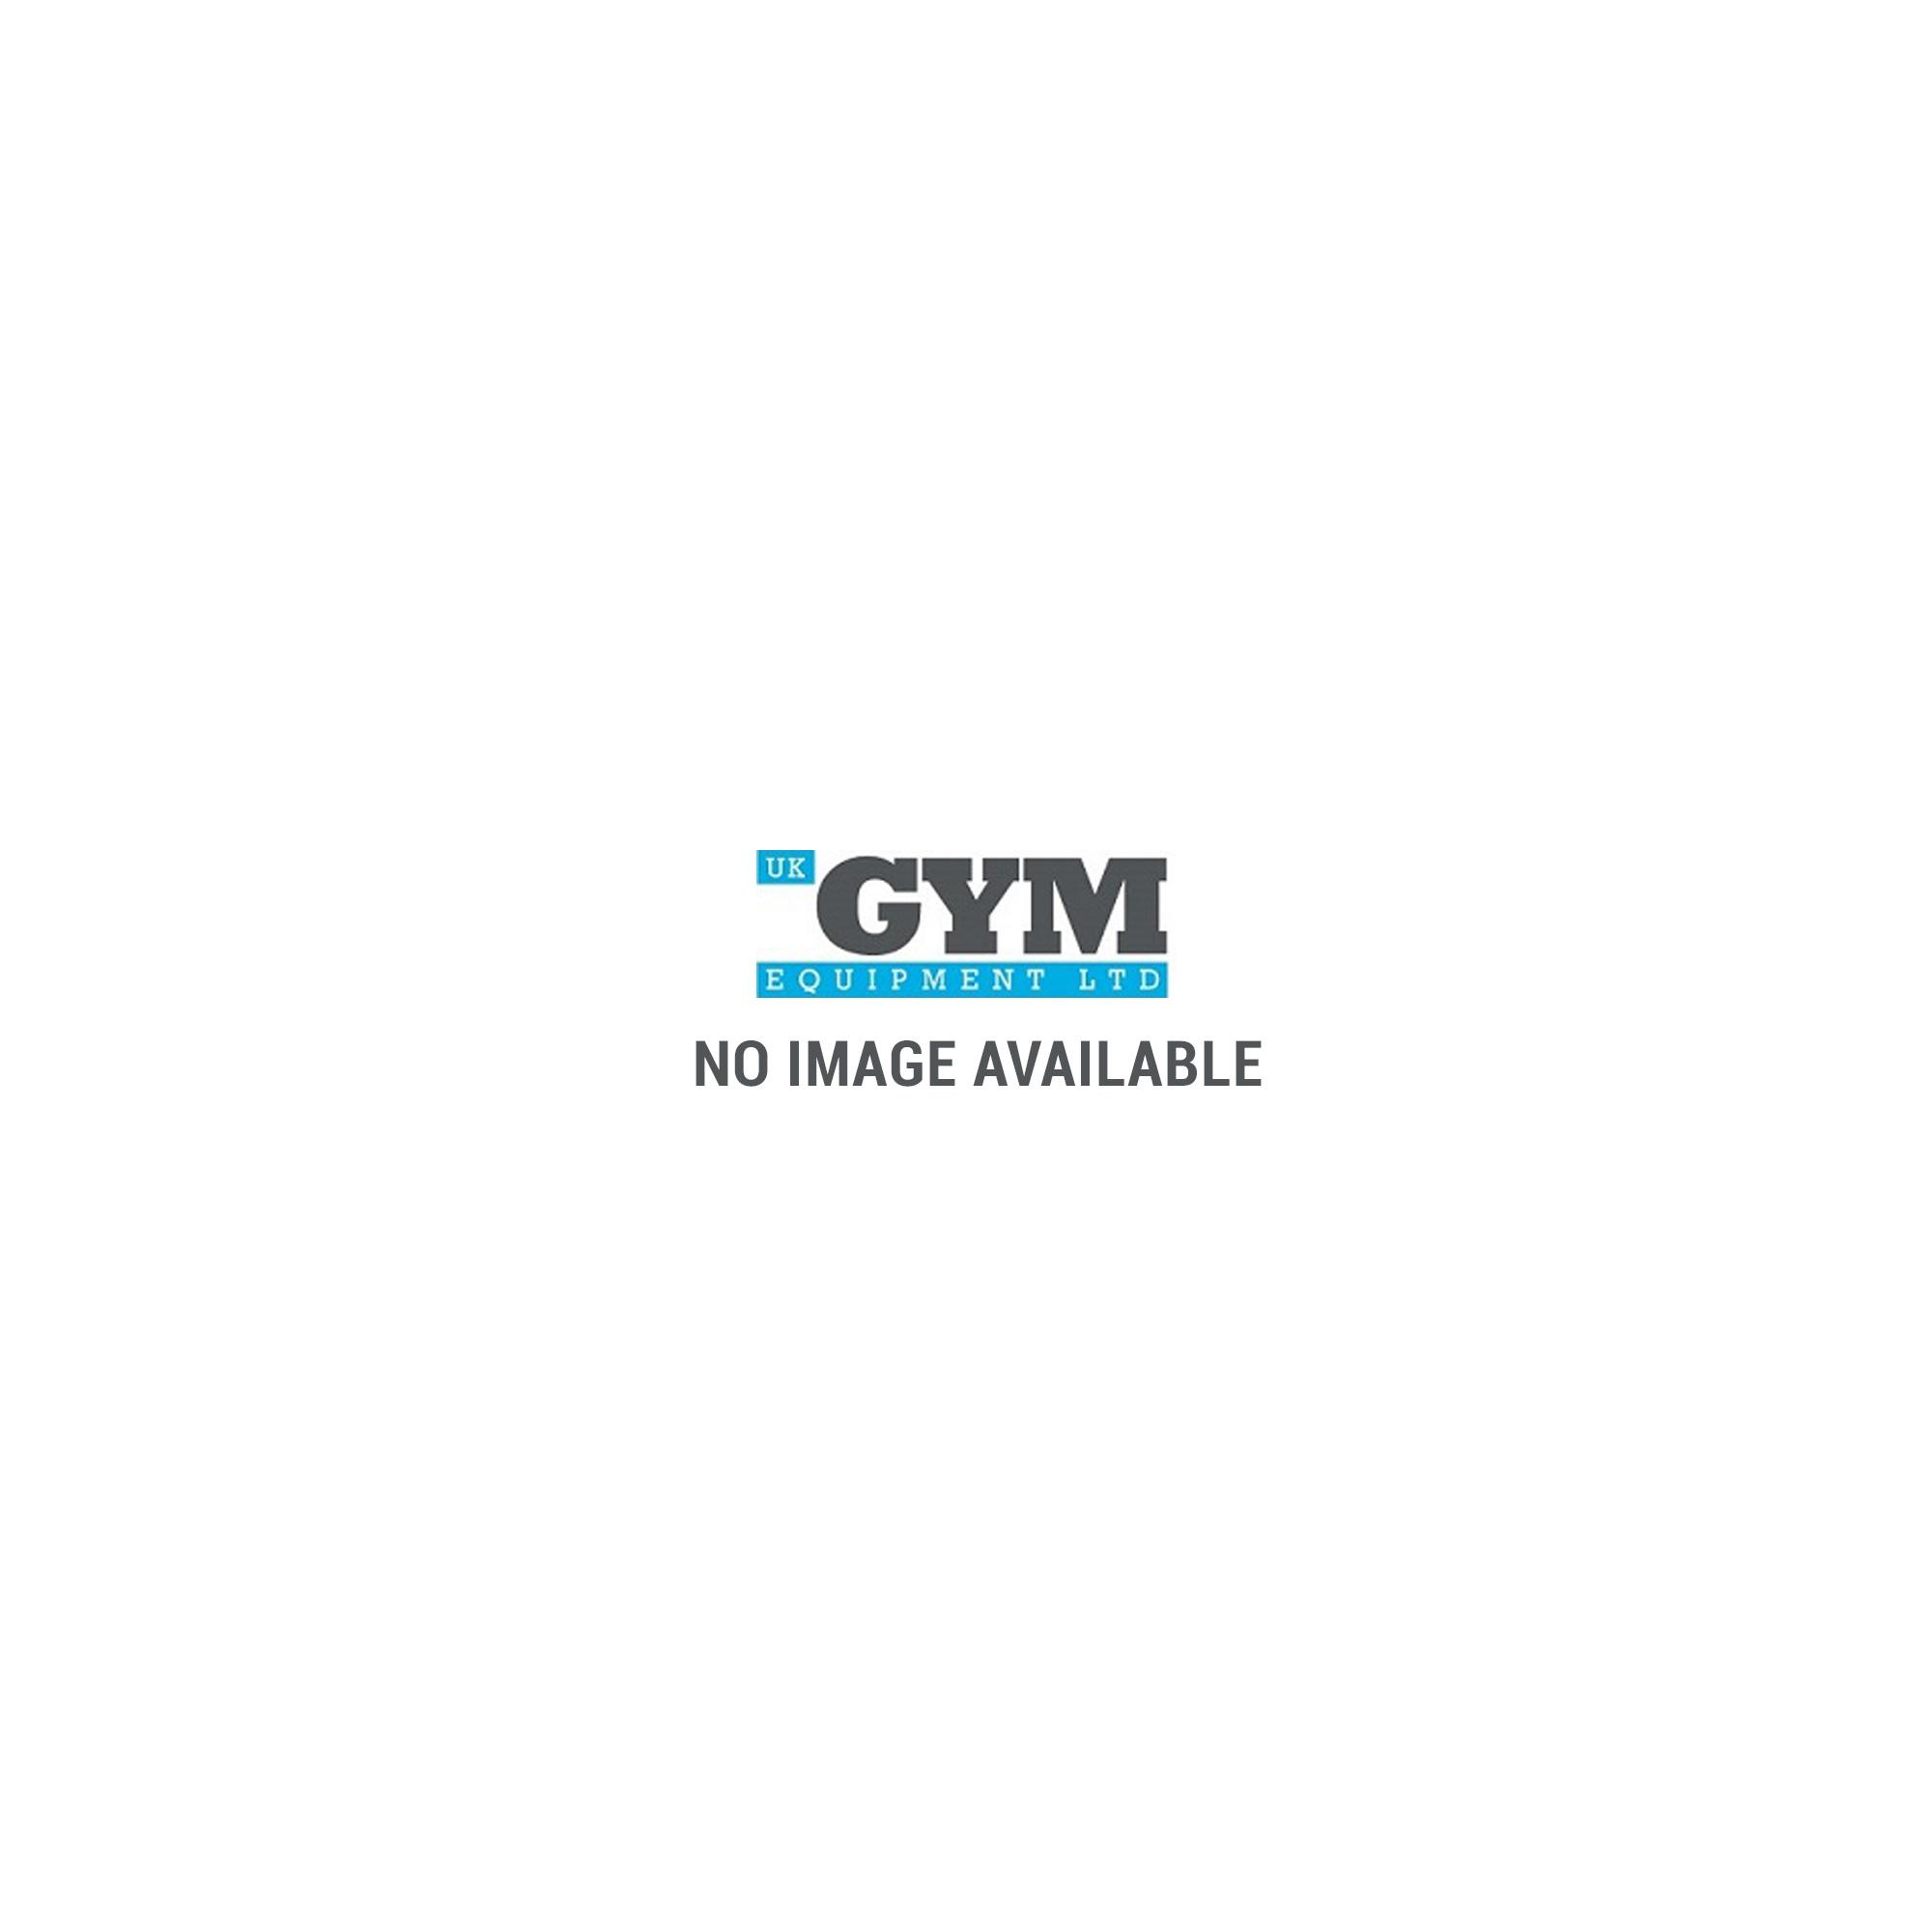 Refurbished Run 260G Series 1 Treadmill